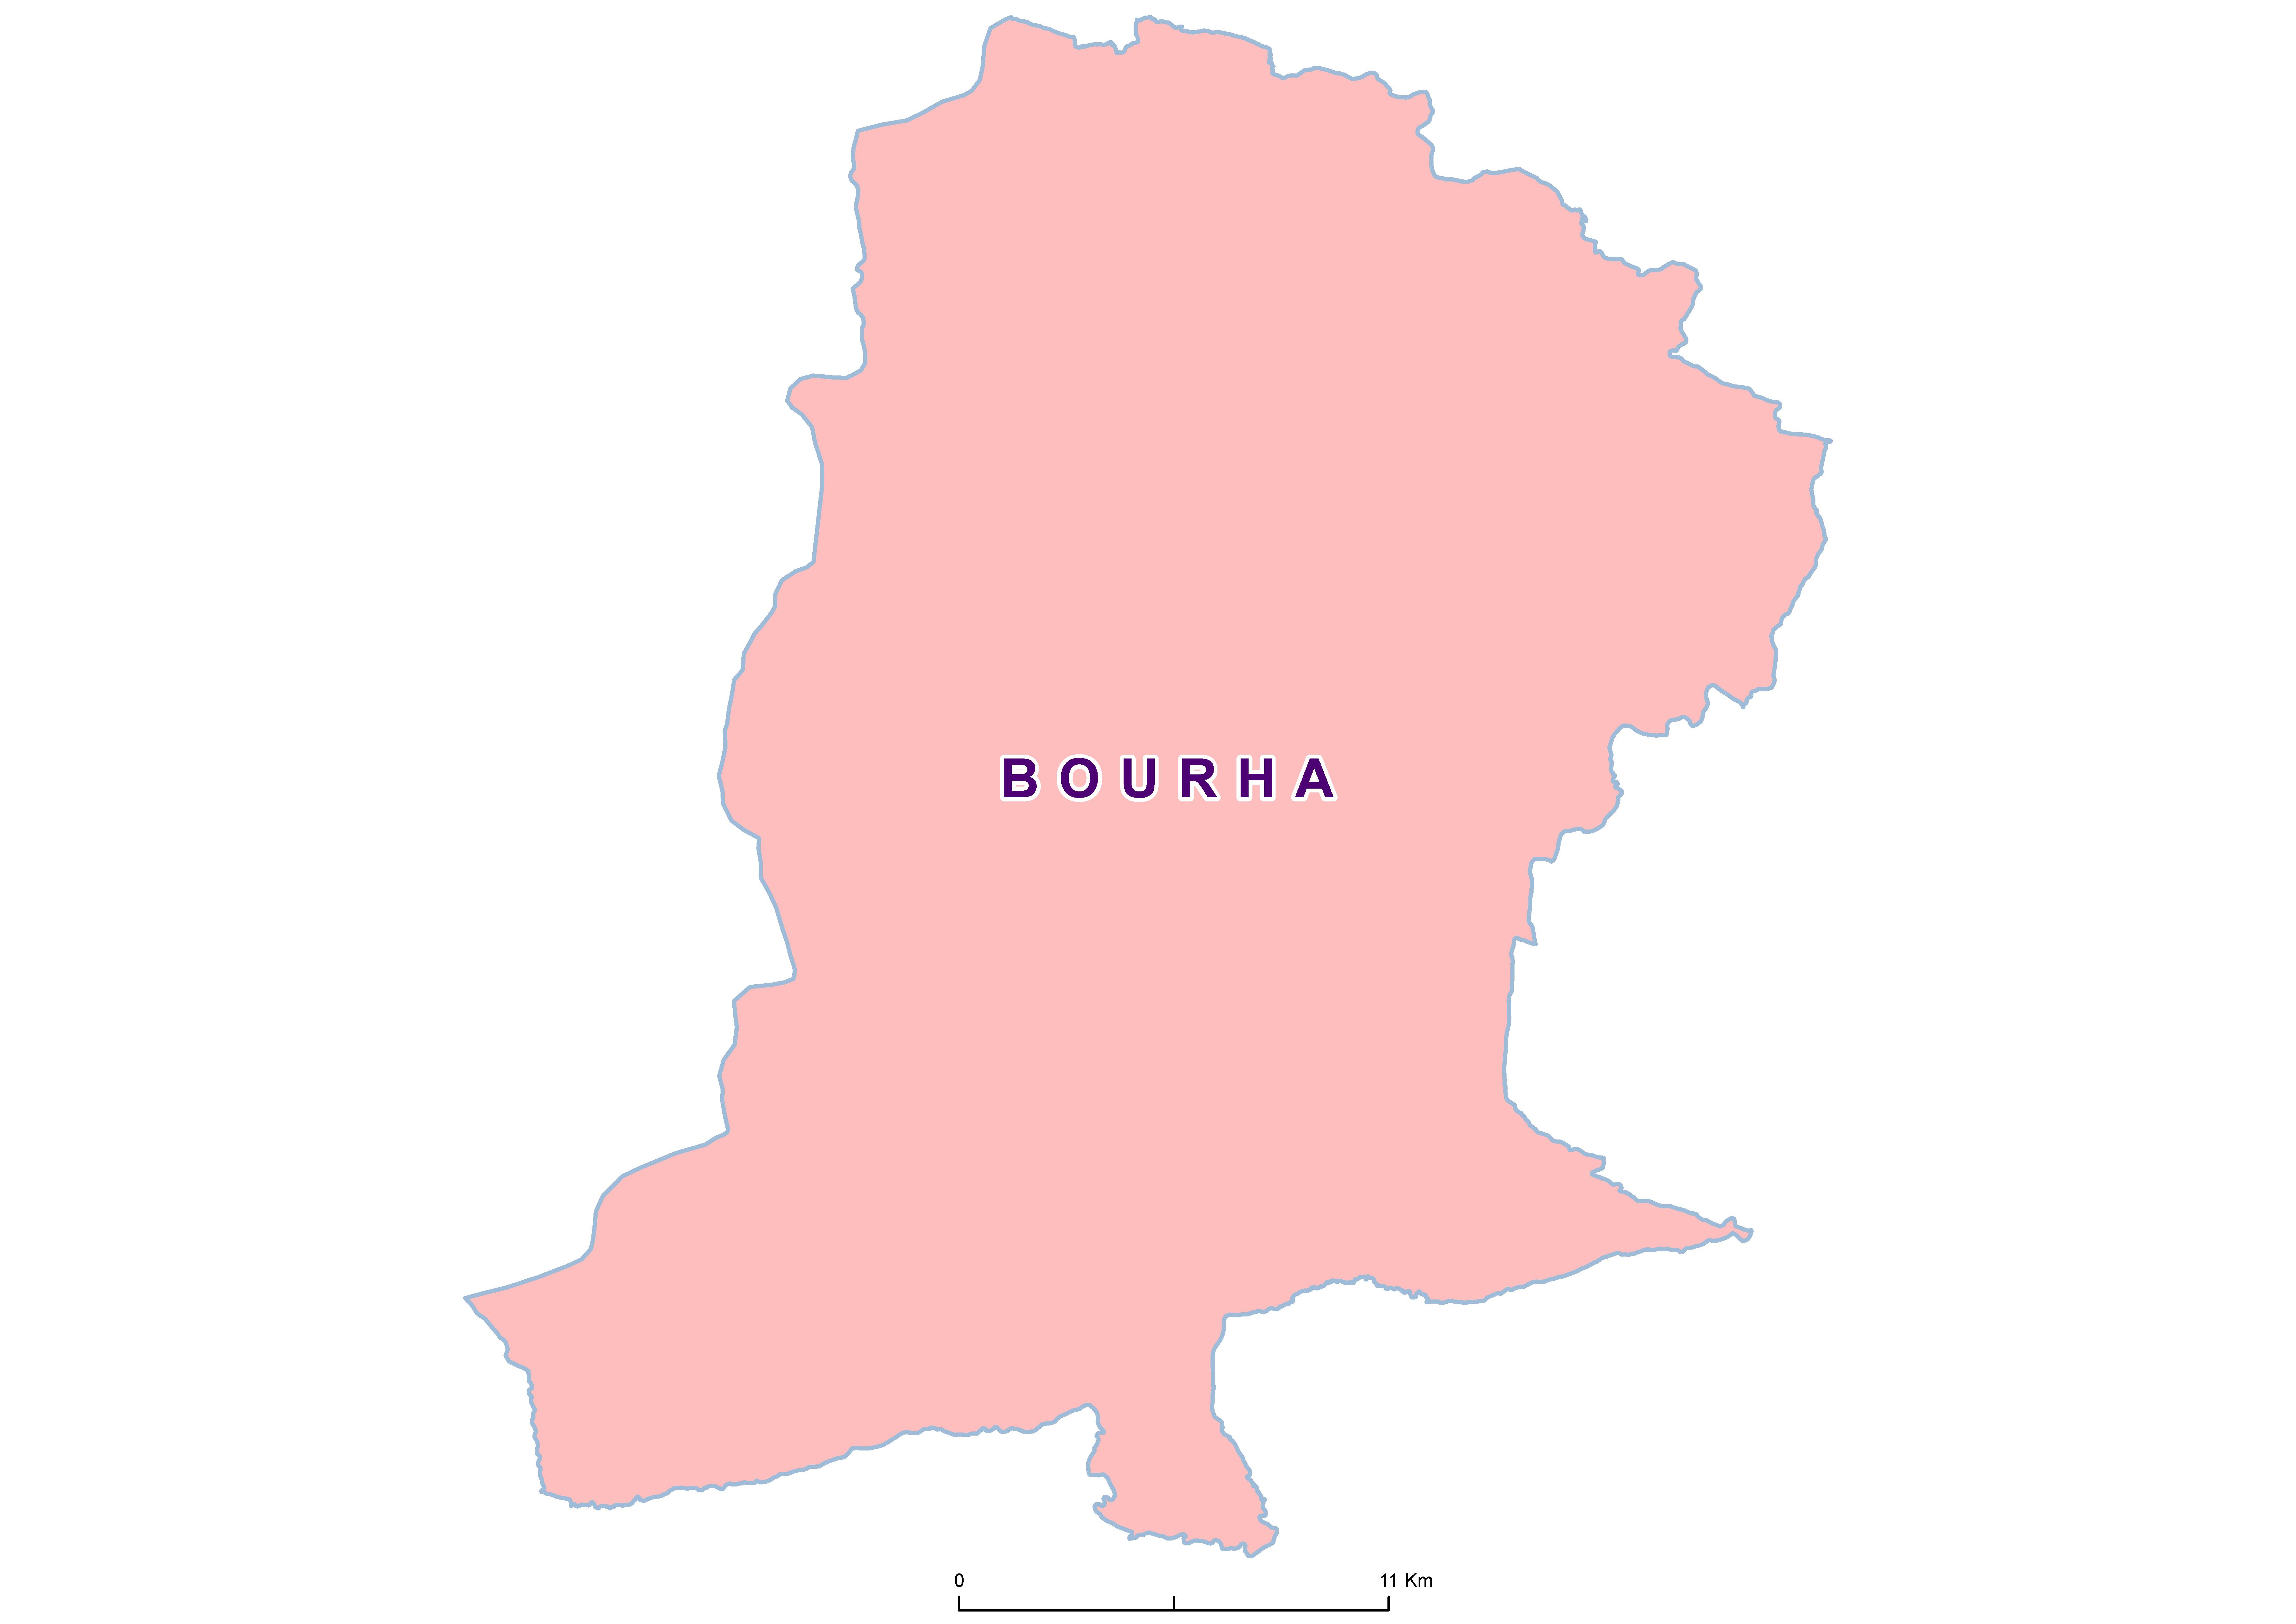 Bourha Mean STH 19850001